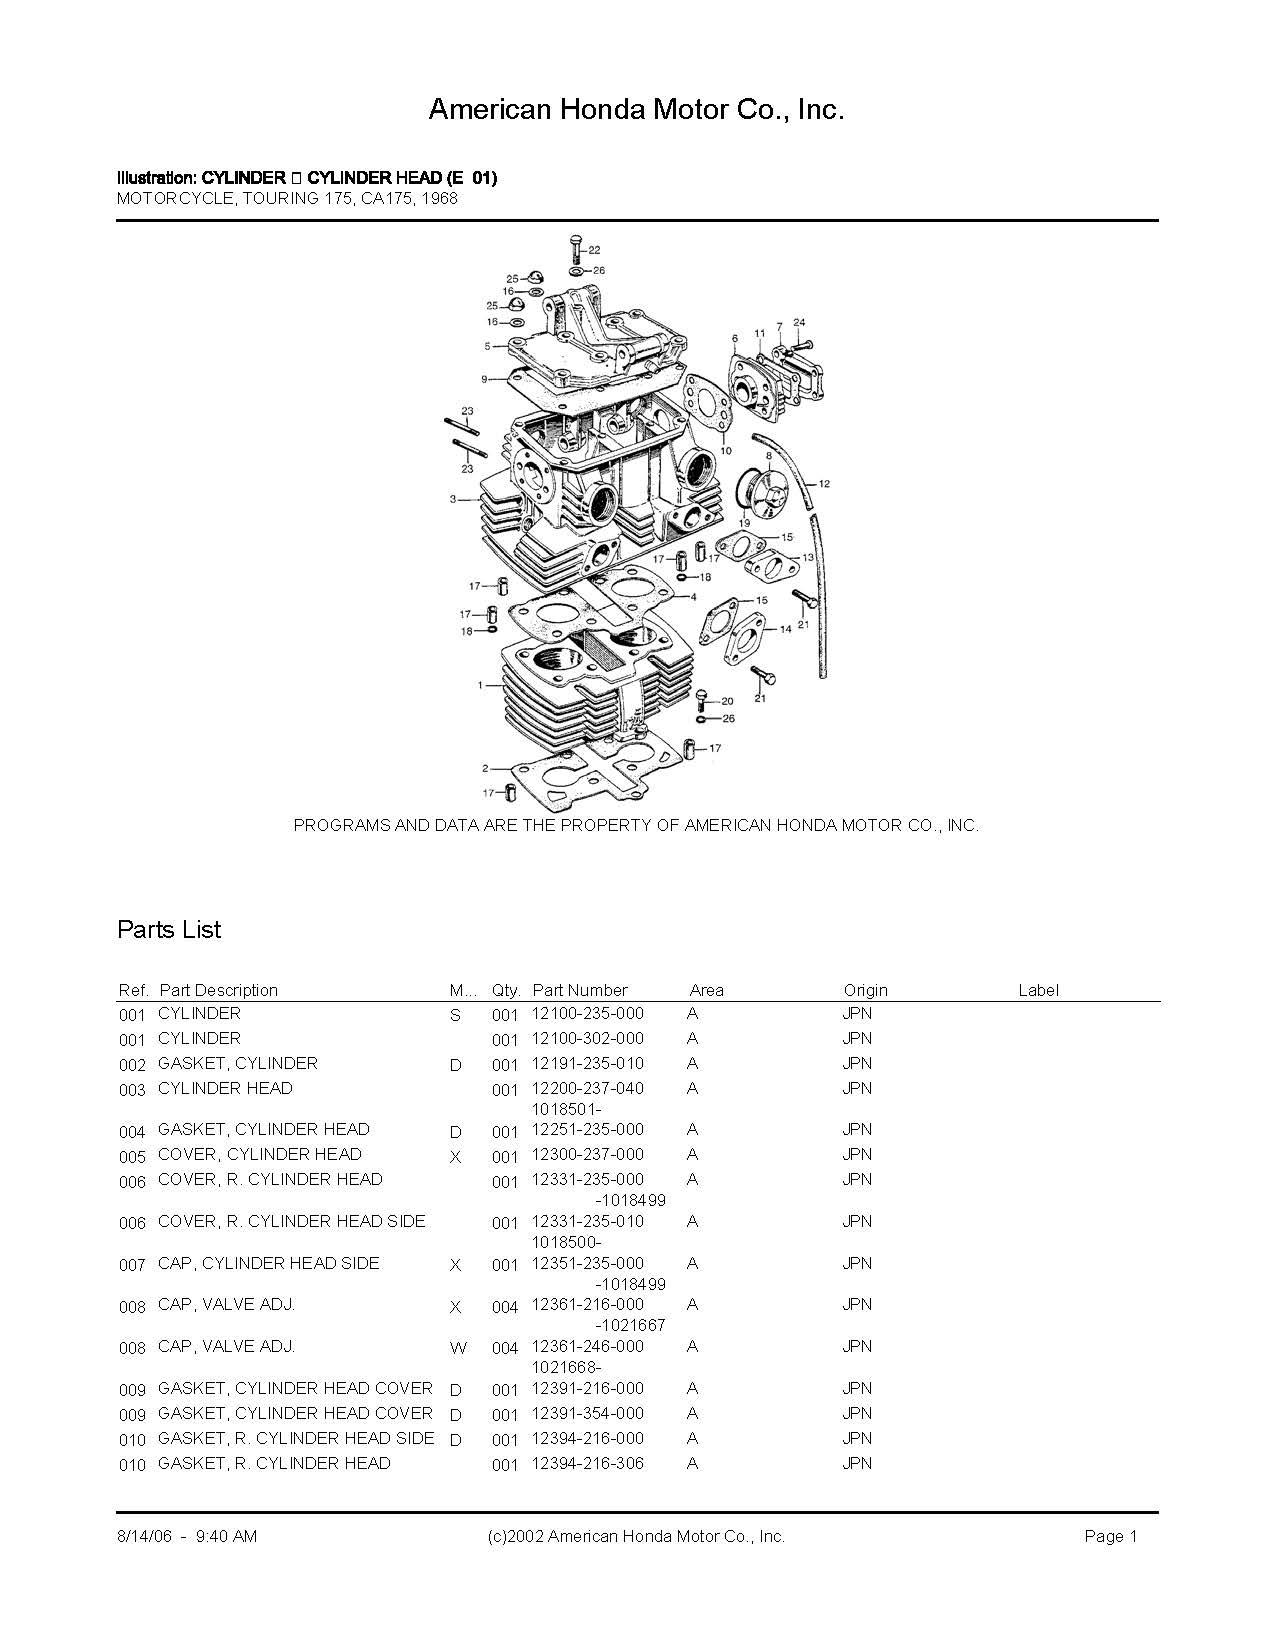 Parts list for Honda CA175 (1968)